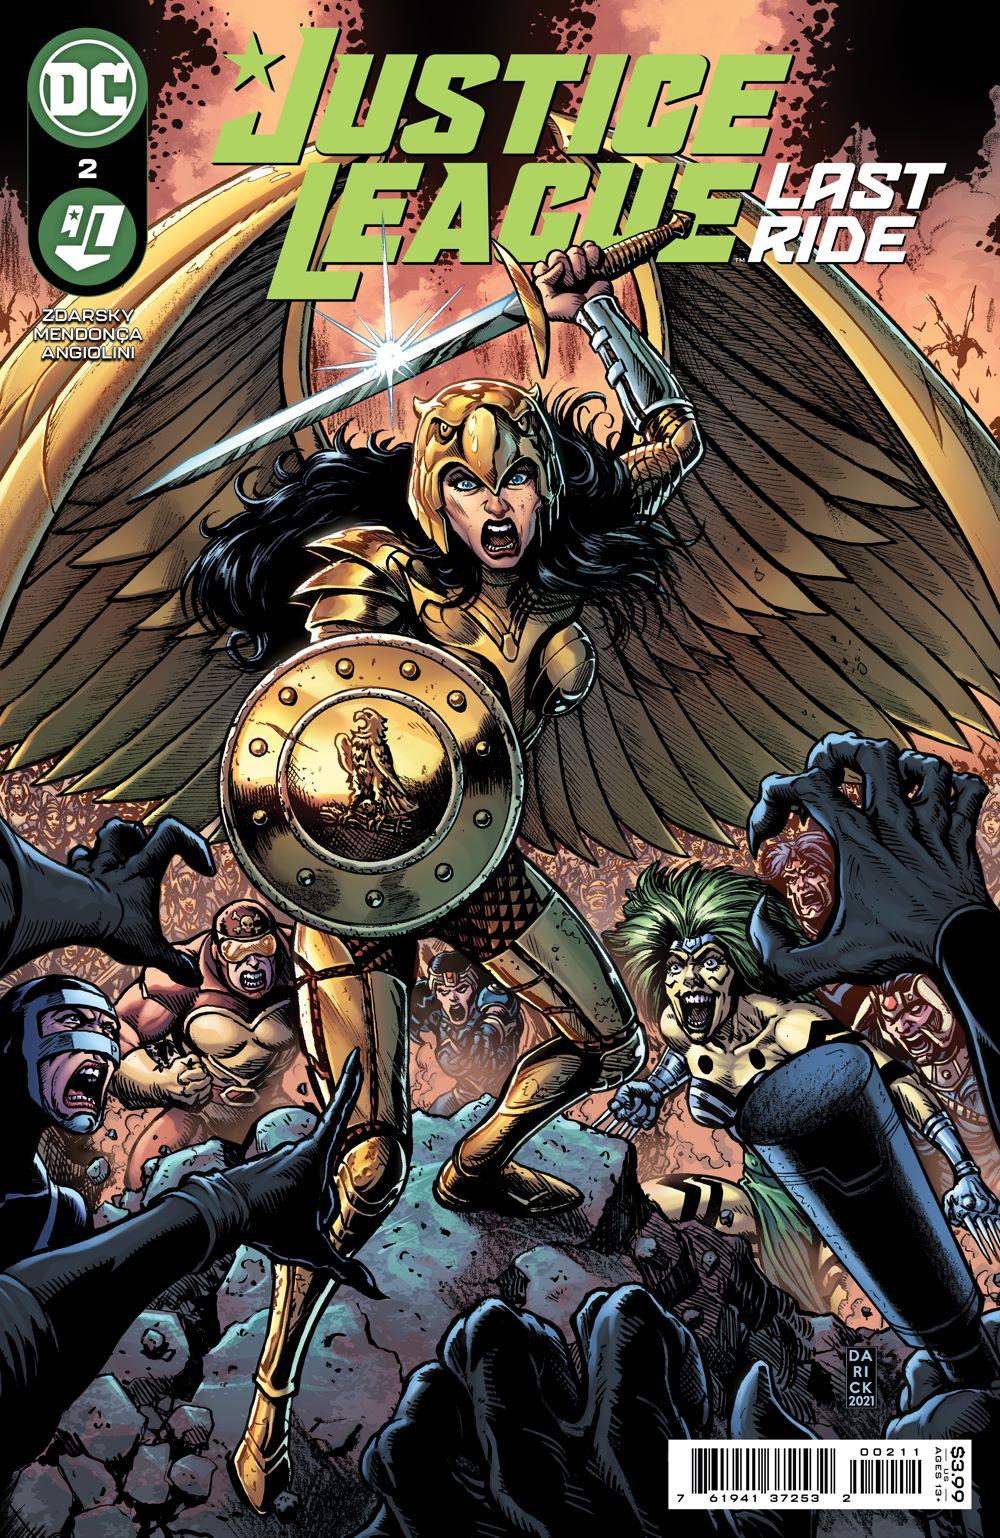 JLLR_Cv2 DC Comics June 2021 Solicitations